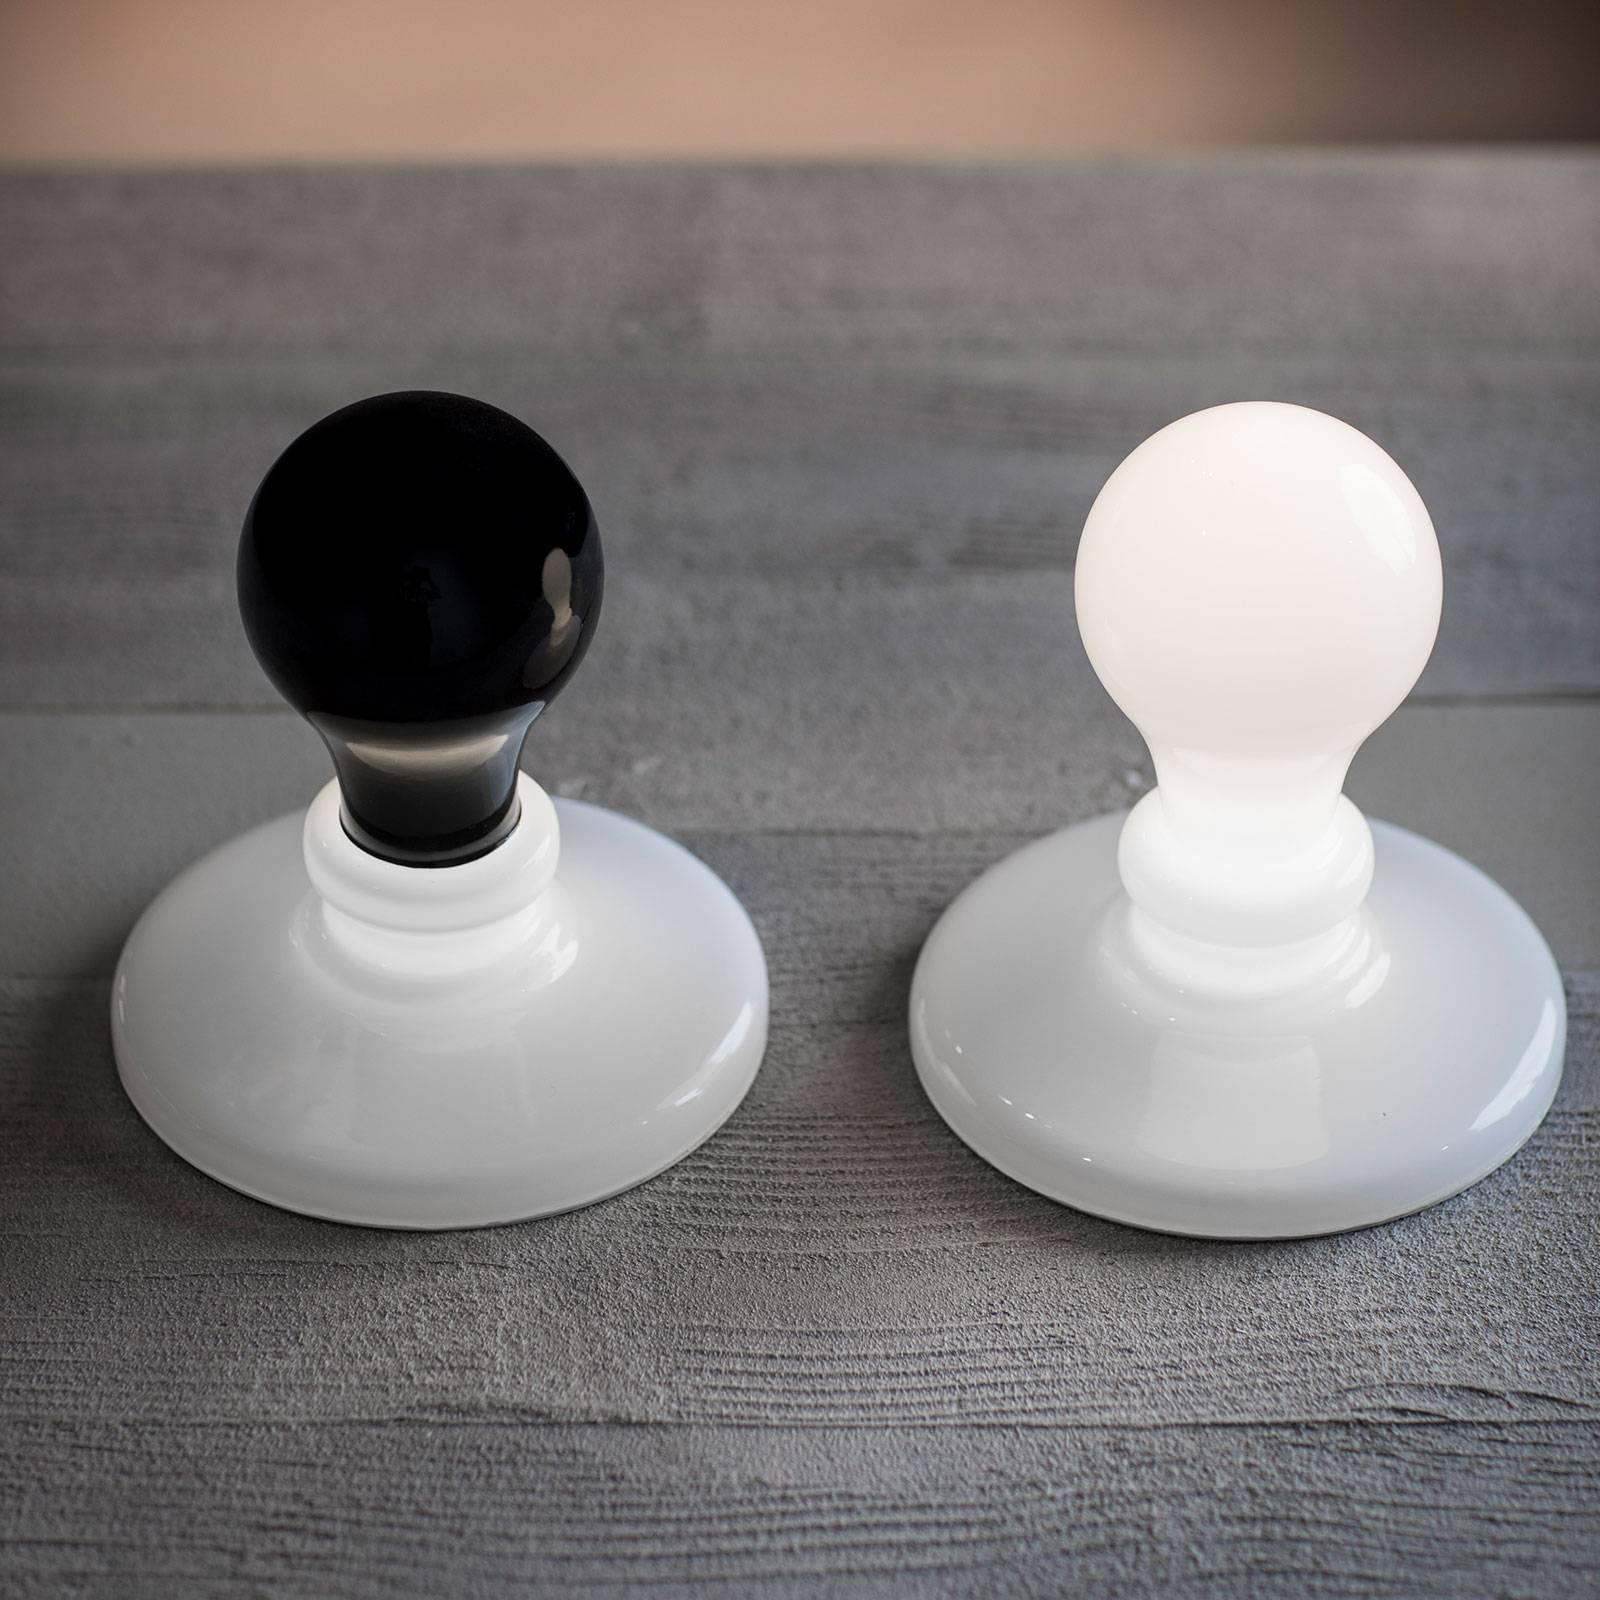 Foscarini White + Black Light LED-Tischleuchte 2er